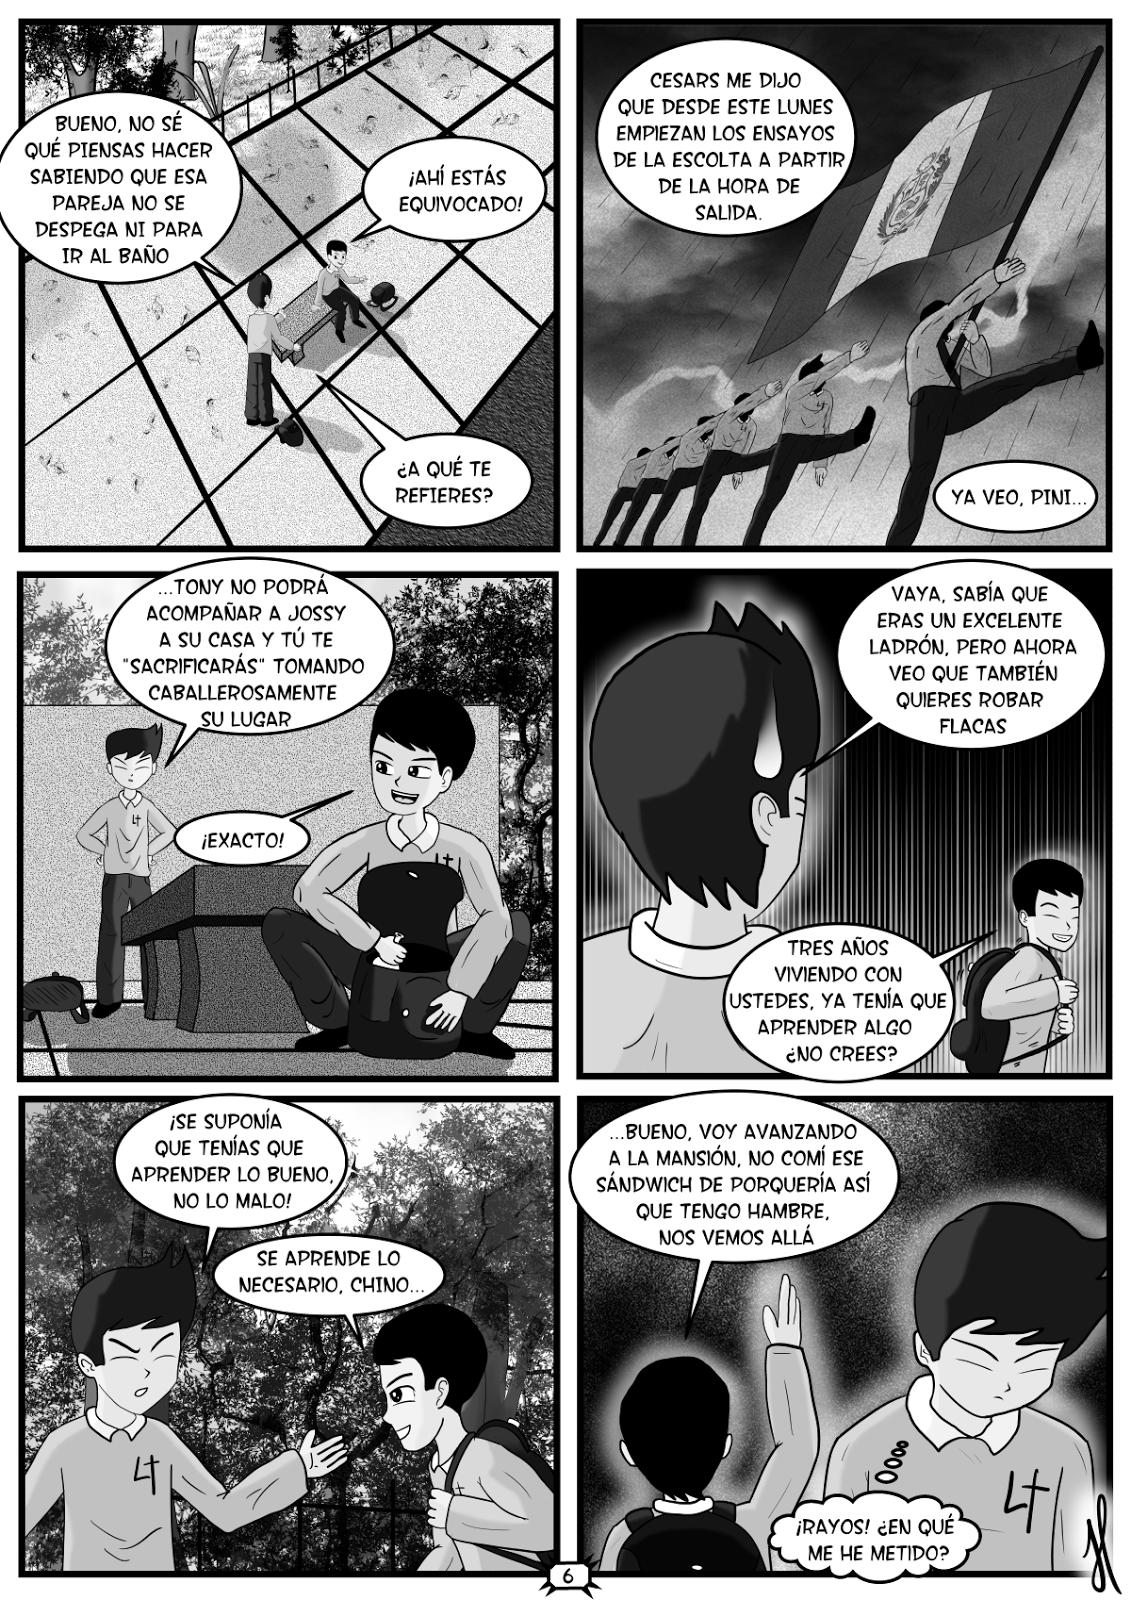 tony-sali-con-tu-mujer-pagina-6